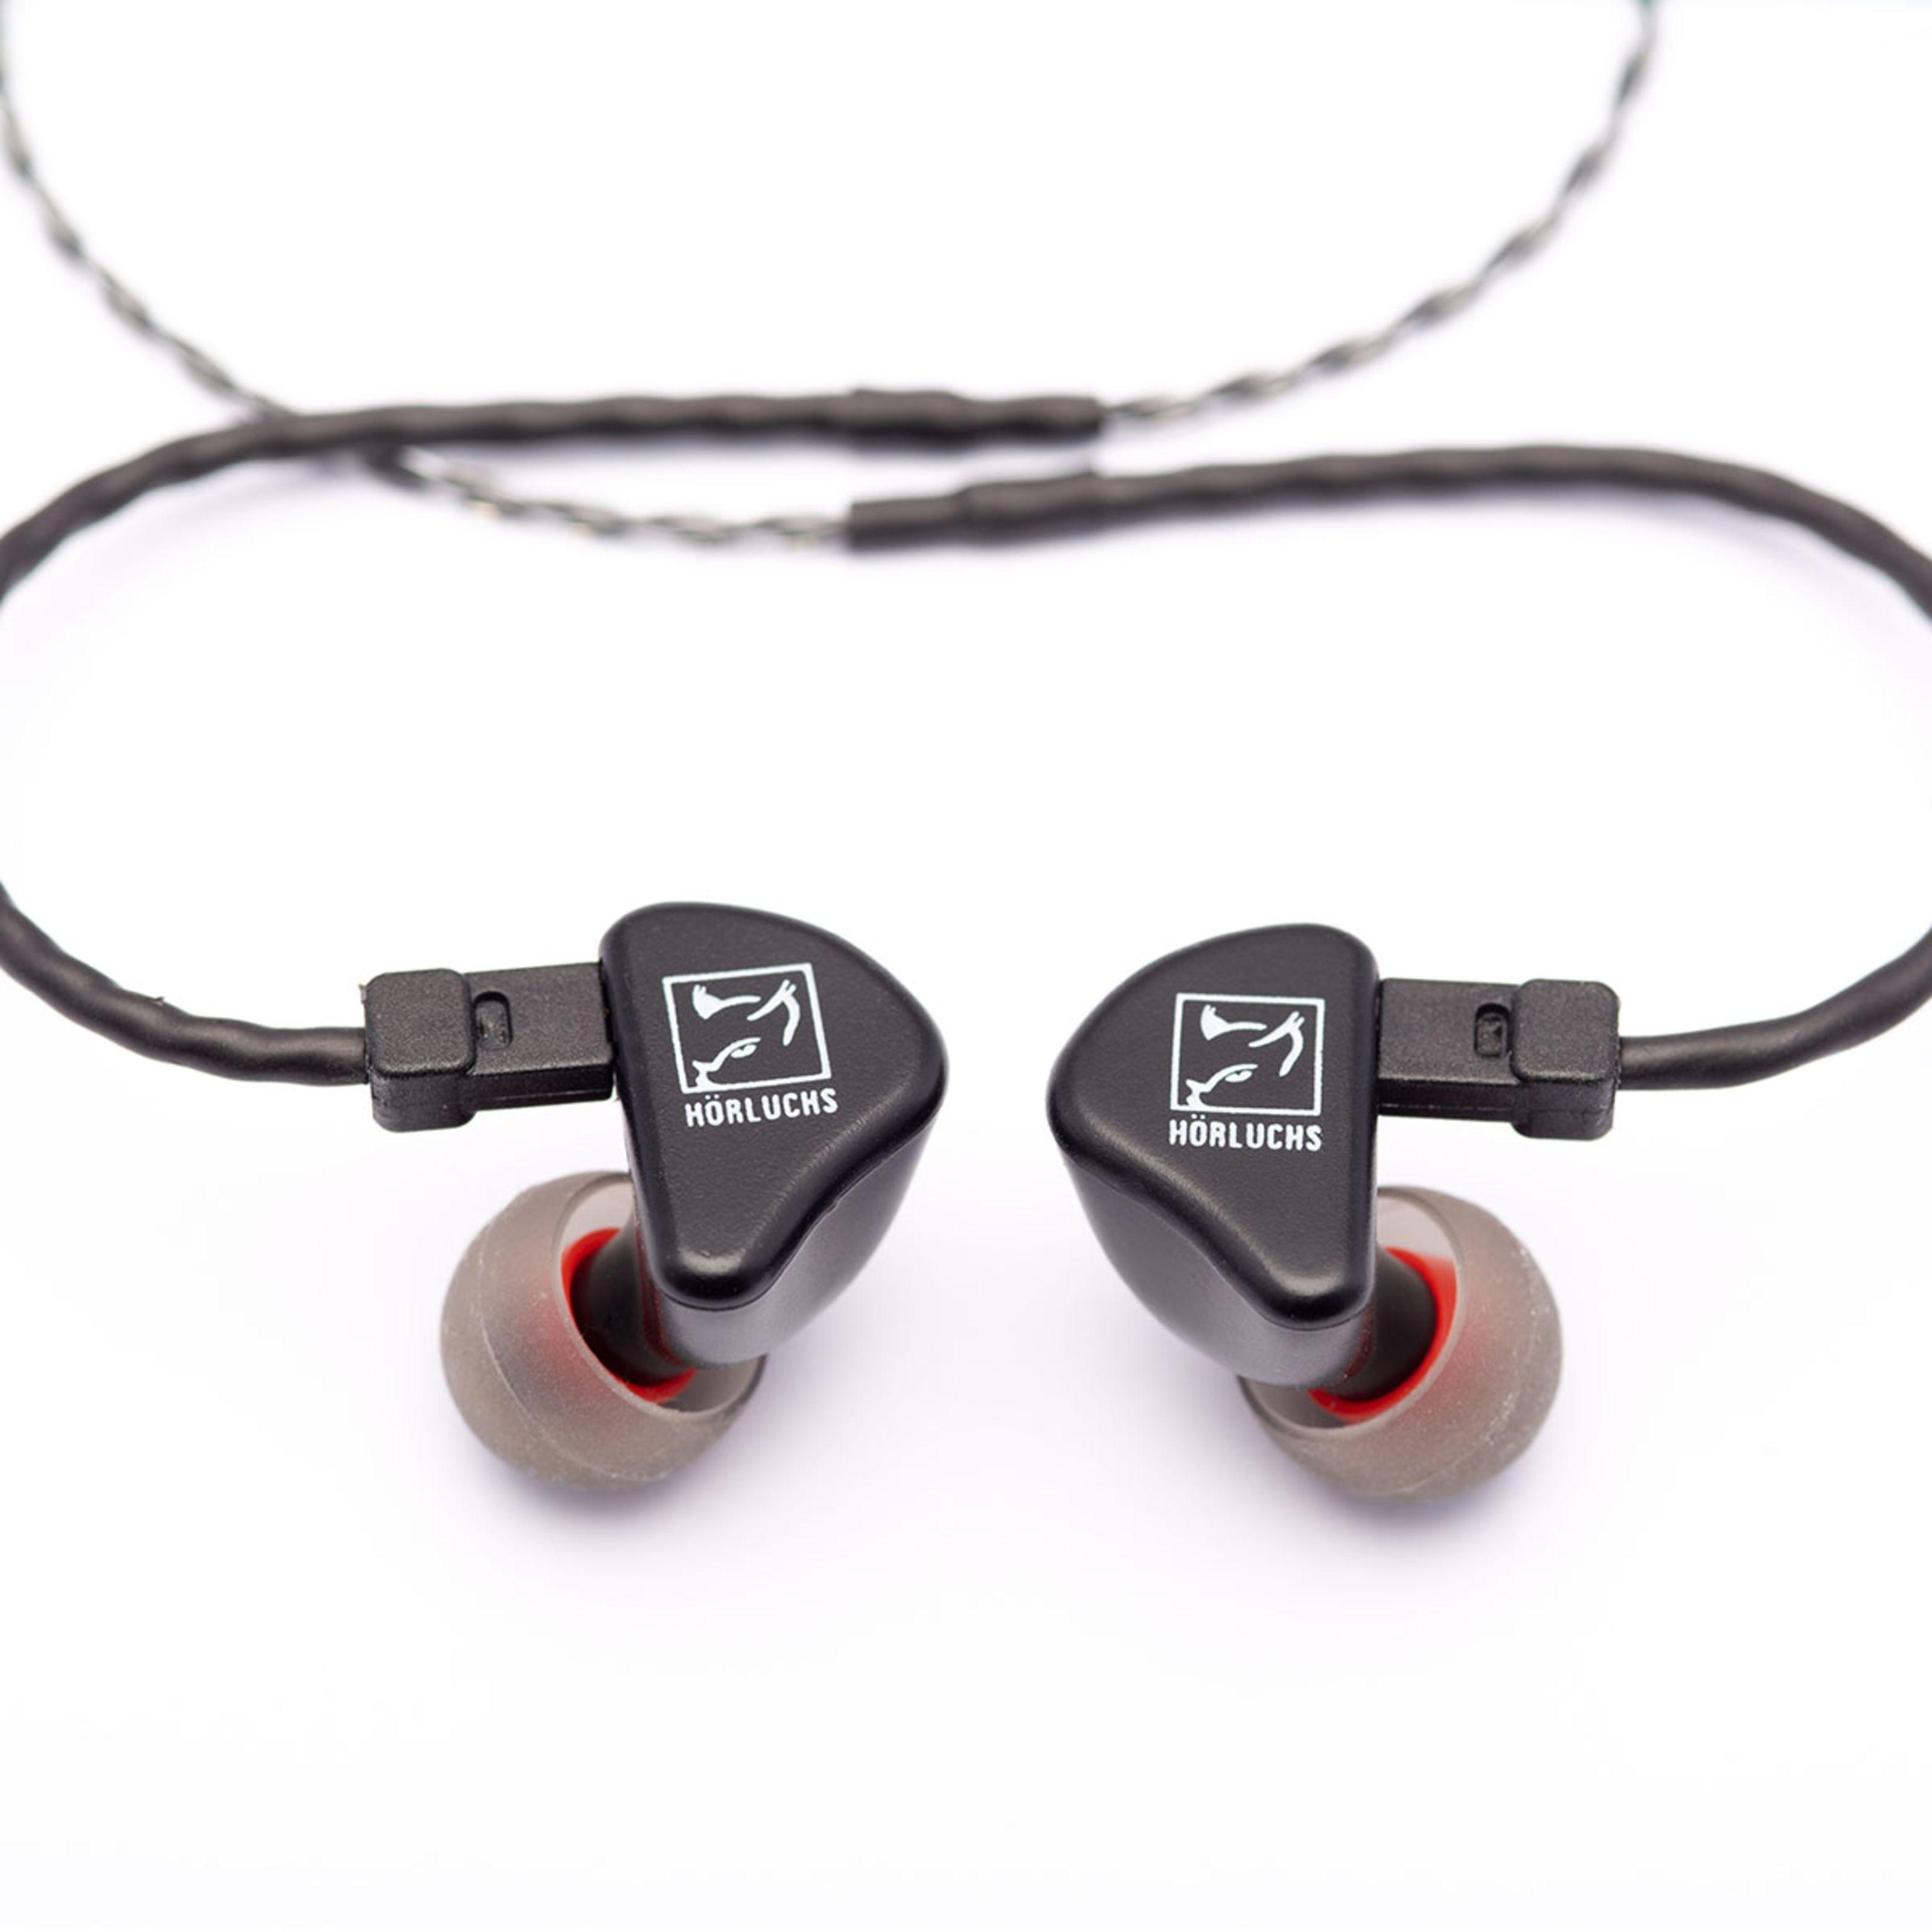 Hörluchs - HL-1200